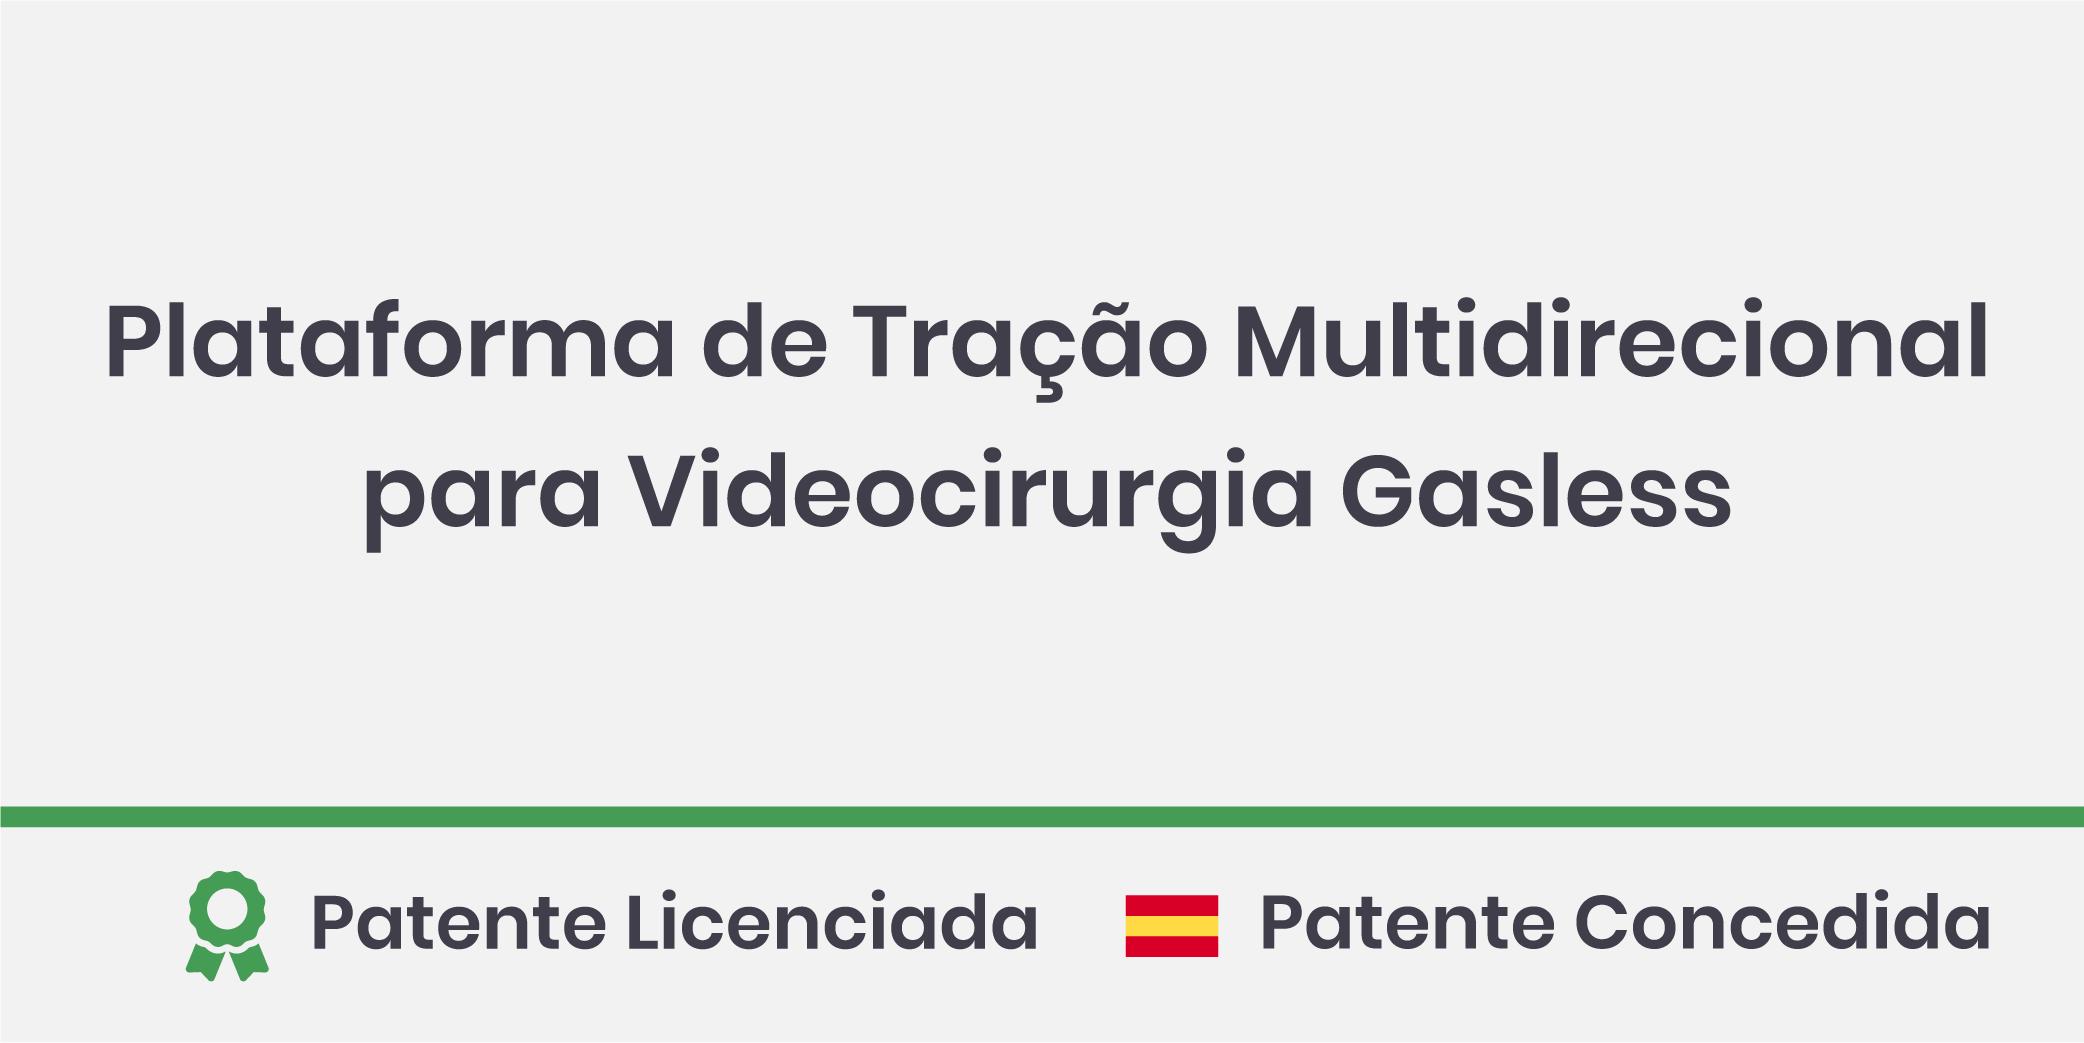 Plataforma de Tração Multidirecional para Videocirurgia Gasless; Patente Licenciada e Patente Concedida na Espanha.